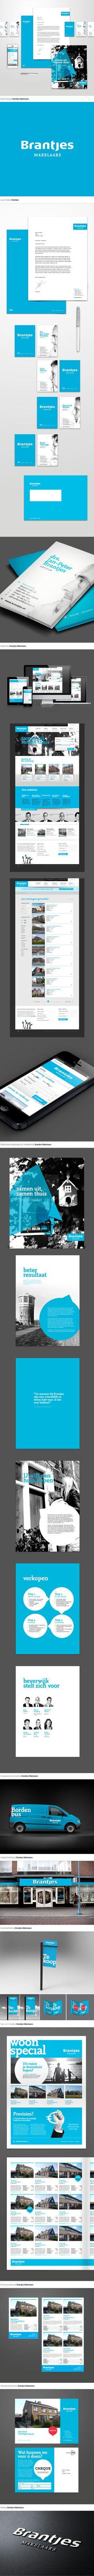 Brantjes Makelaars Corporate identity + brand design   Sixtyseven   Communicatie en reclamebureau   Beverwijk